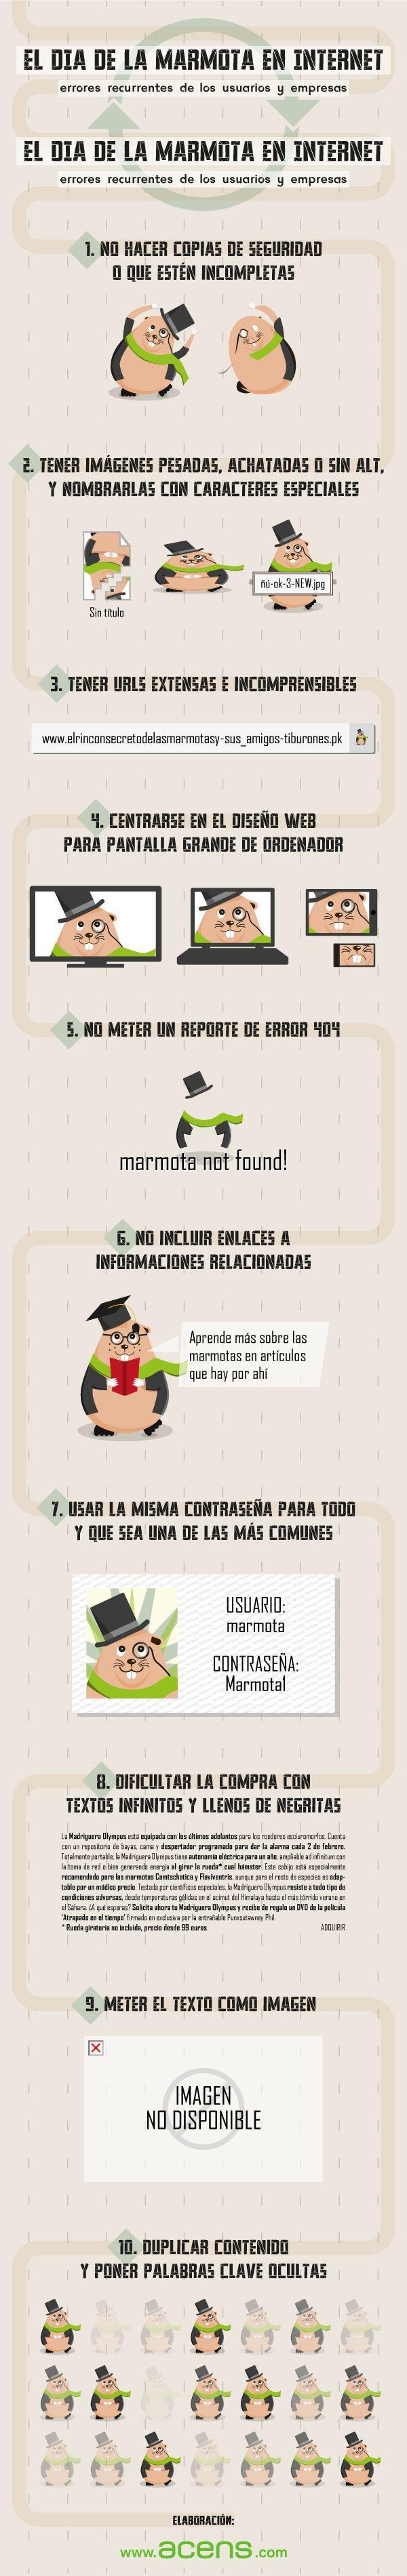 El día de la marmota en Internet #infografia